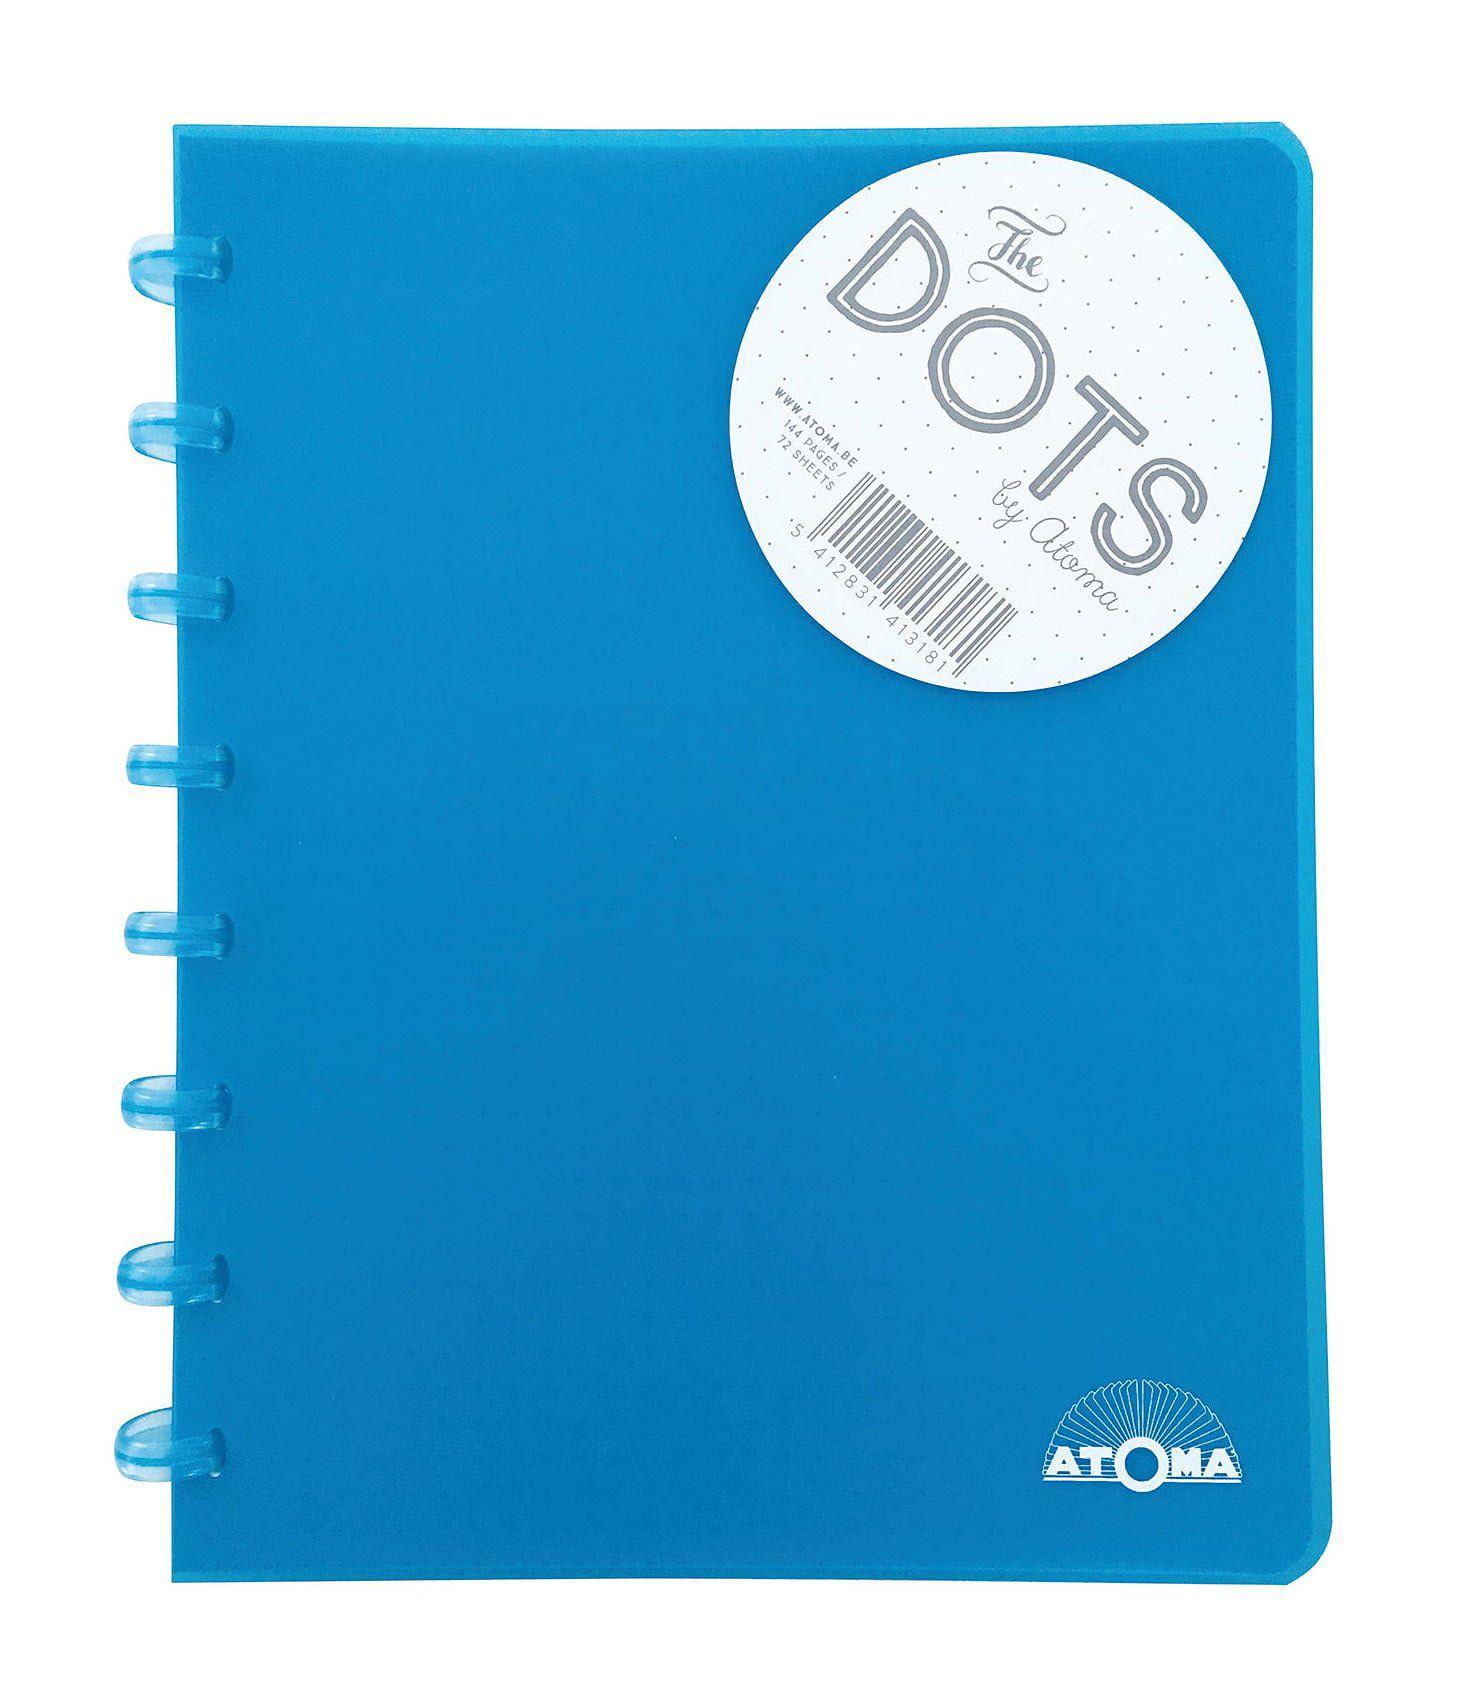 Caderno A5 72 fls turquesa DOTS Atoma